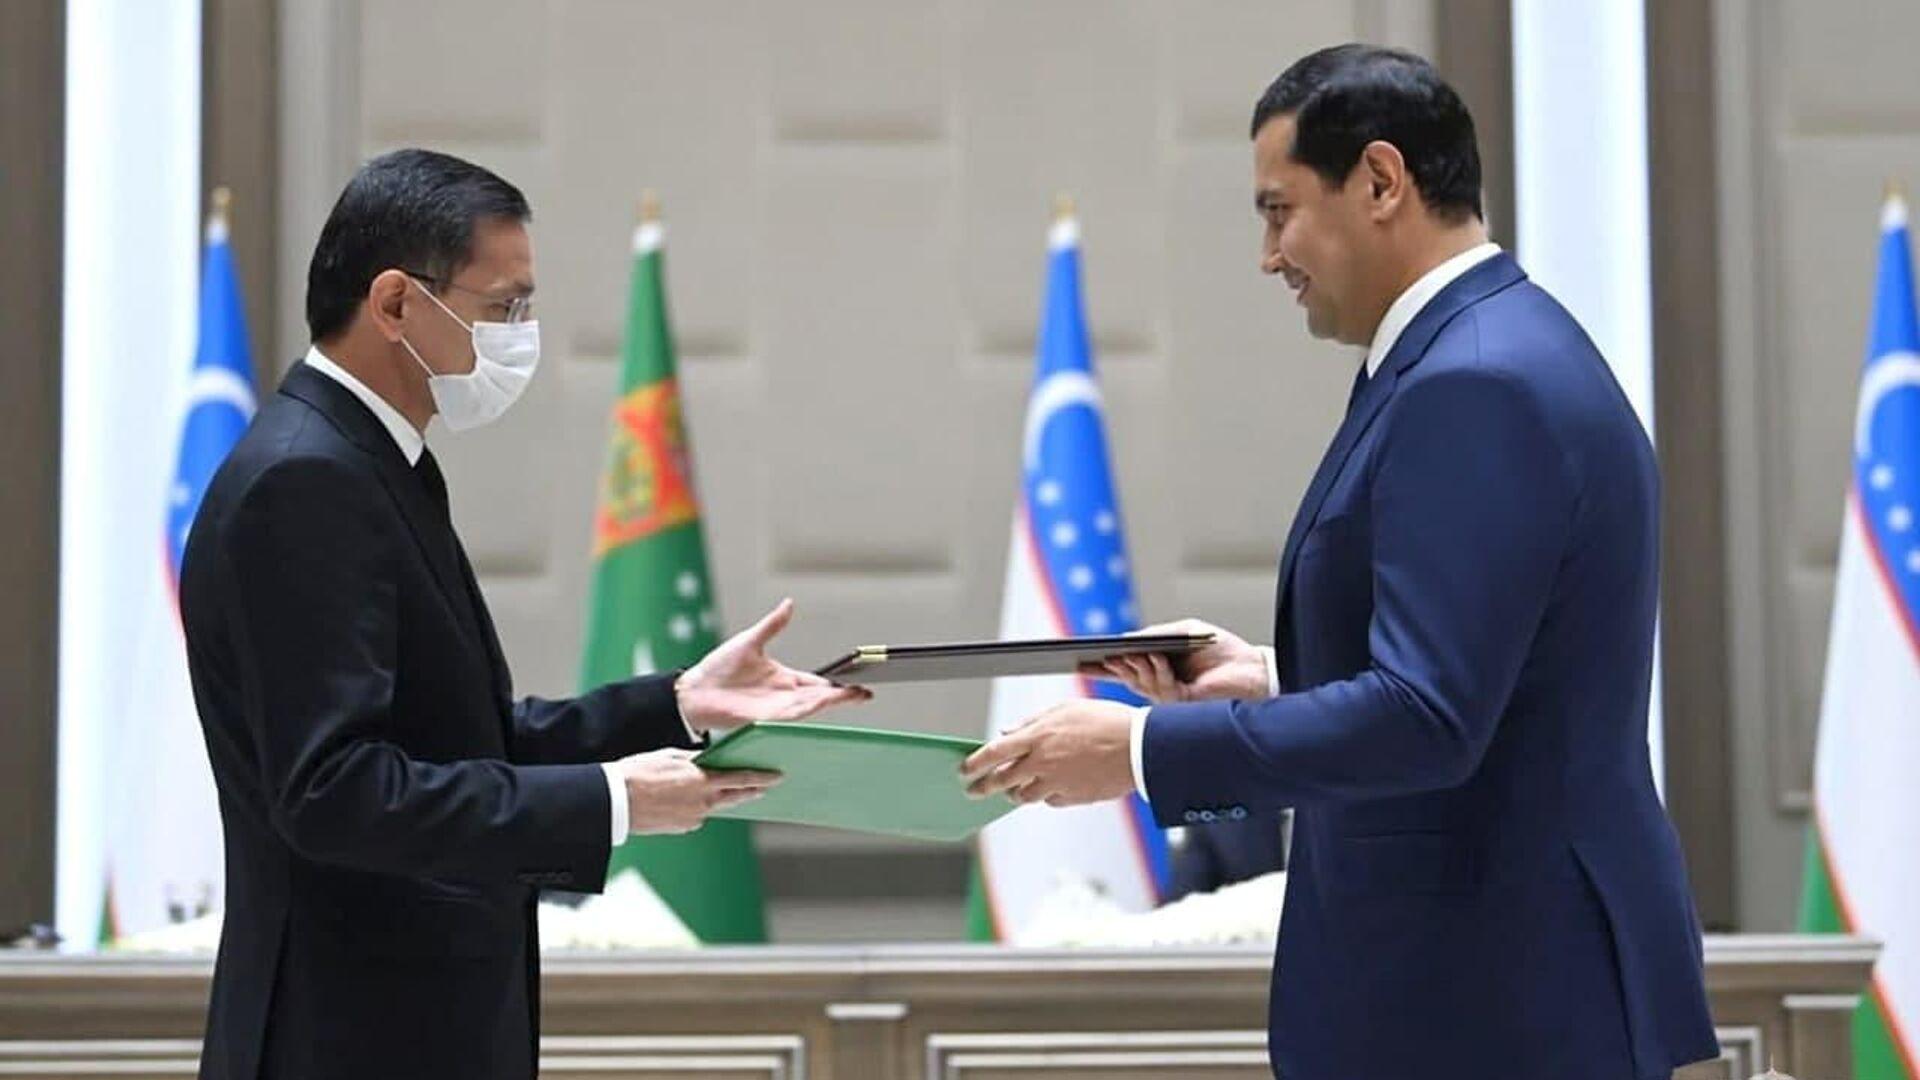 В присутствии глав Узбекистана и Туркменистана состоялся обмен подписанными документами между главами министерств и ведомств двух стран - Sputnik Узбекистан, 1920, 05.10.2021